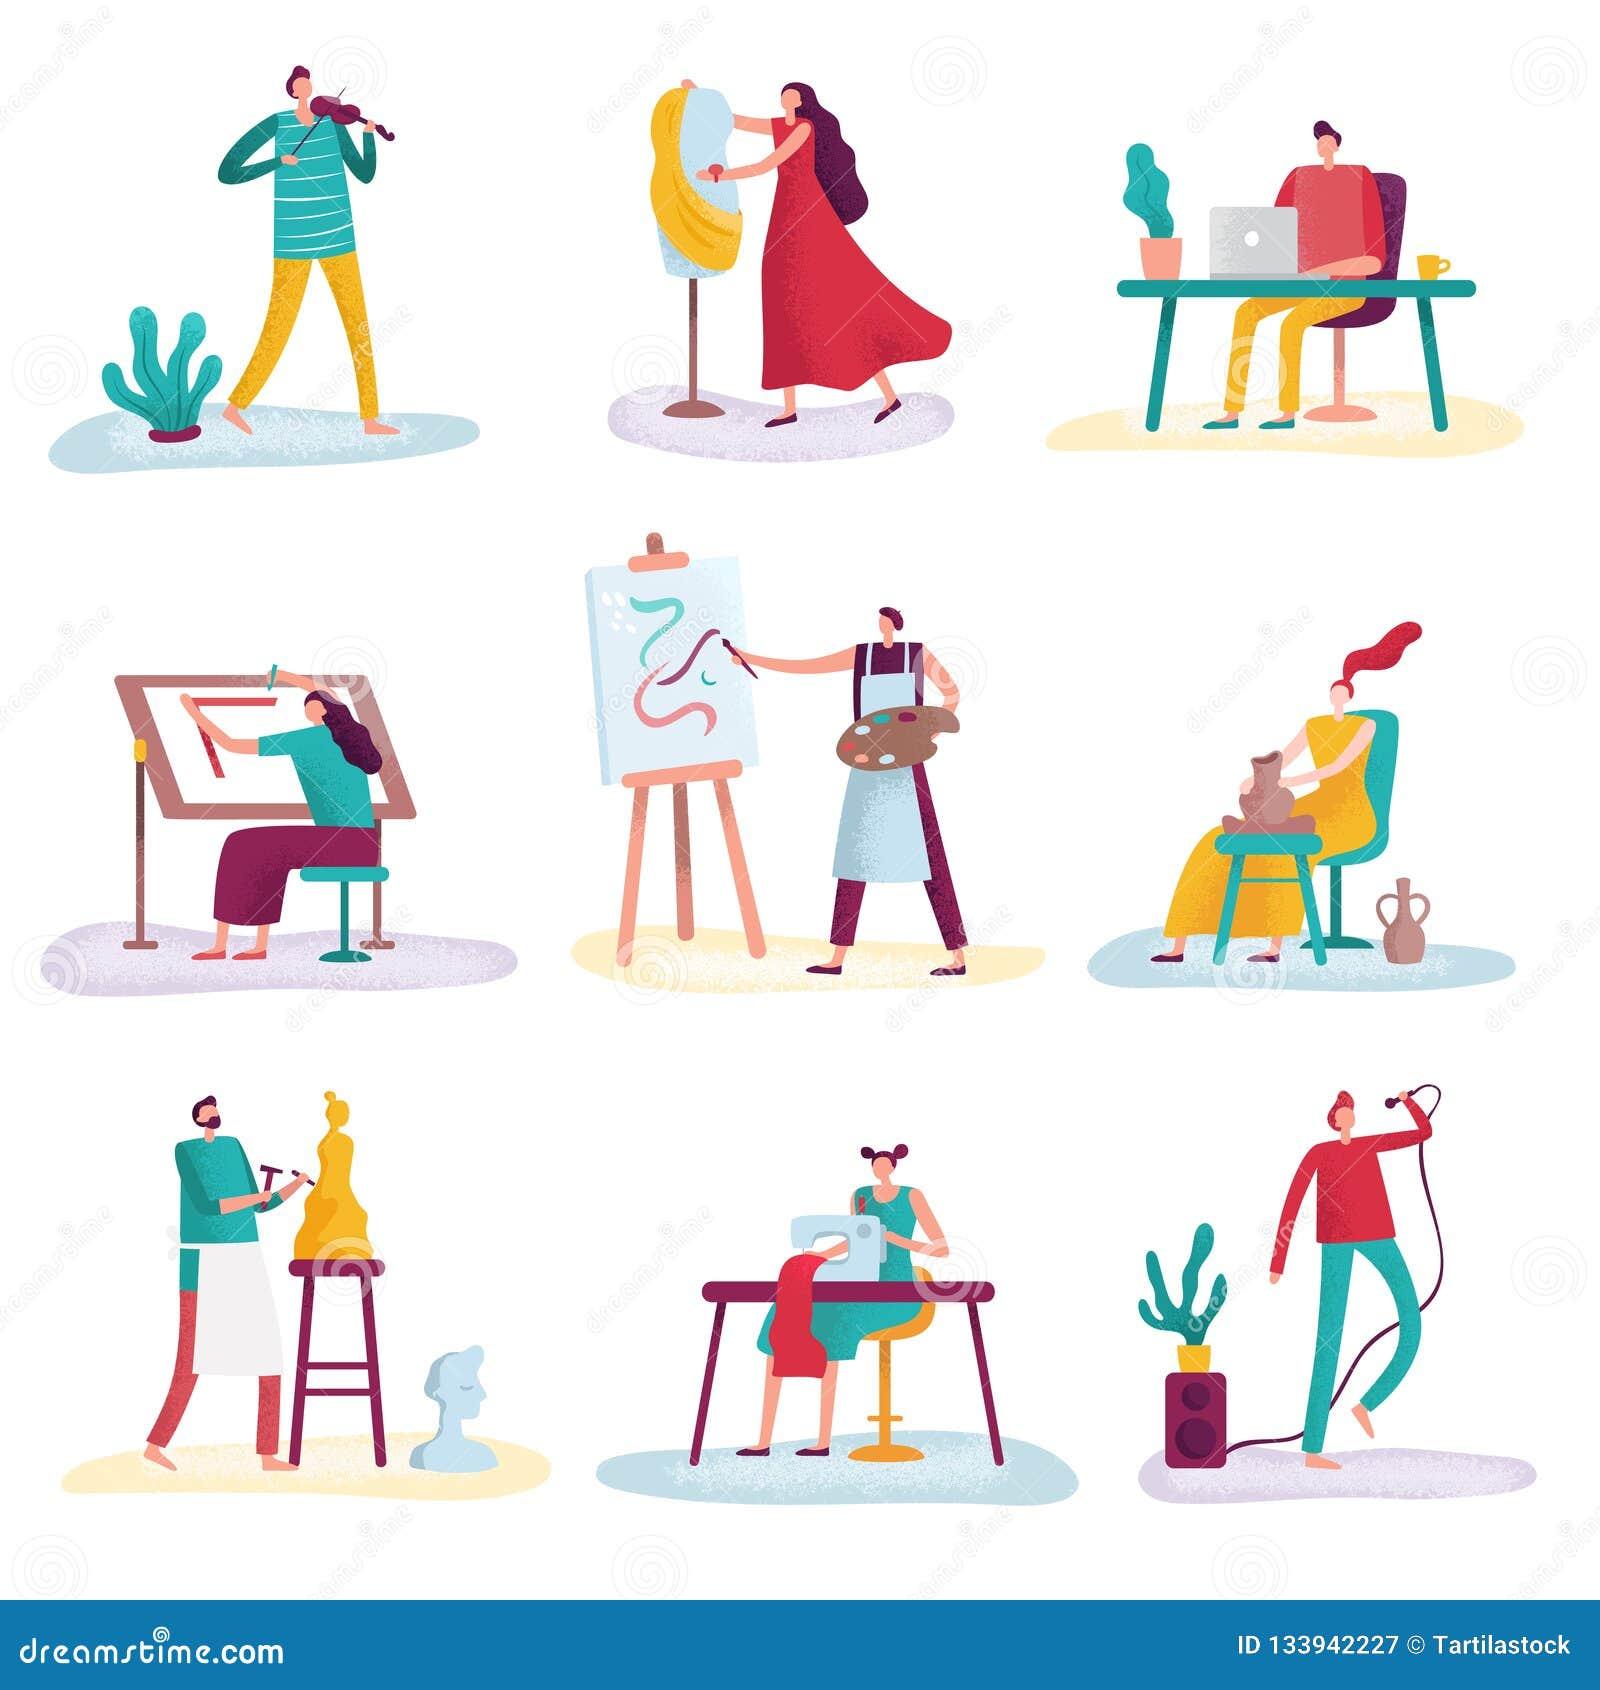 Kreatywnie zawodu artysty sztuki rzeźbiarza, rzemieślnika malarz i projektant mody Artystyczni ludzie, Twórców artyści